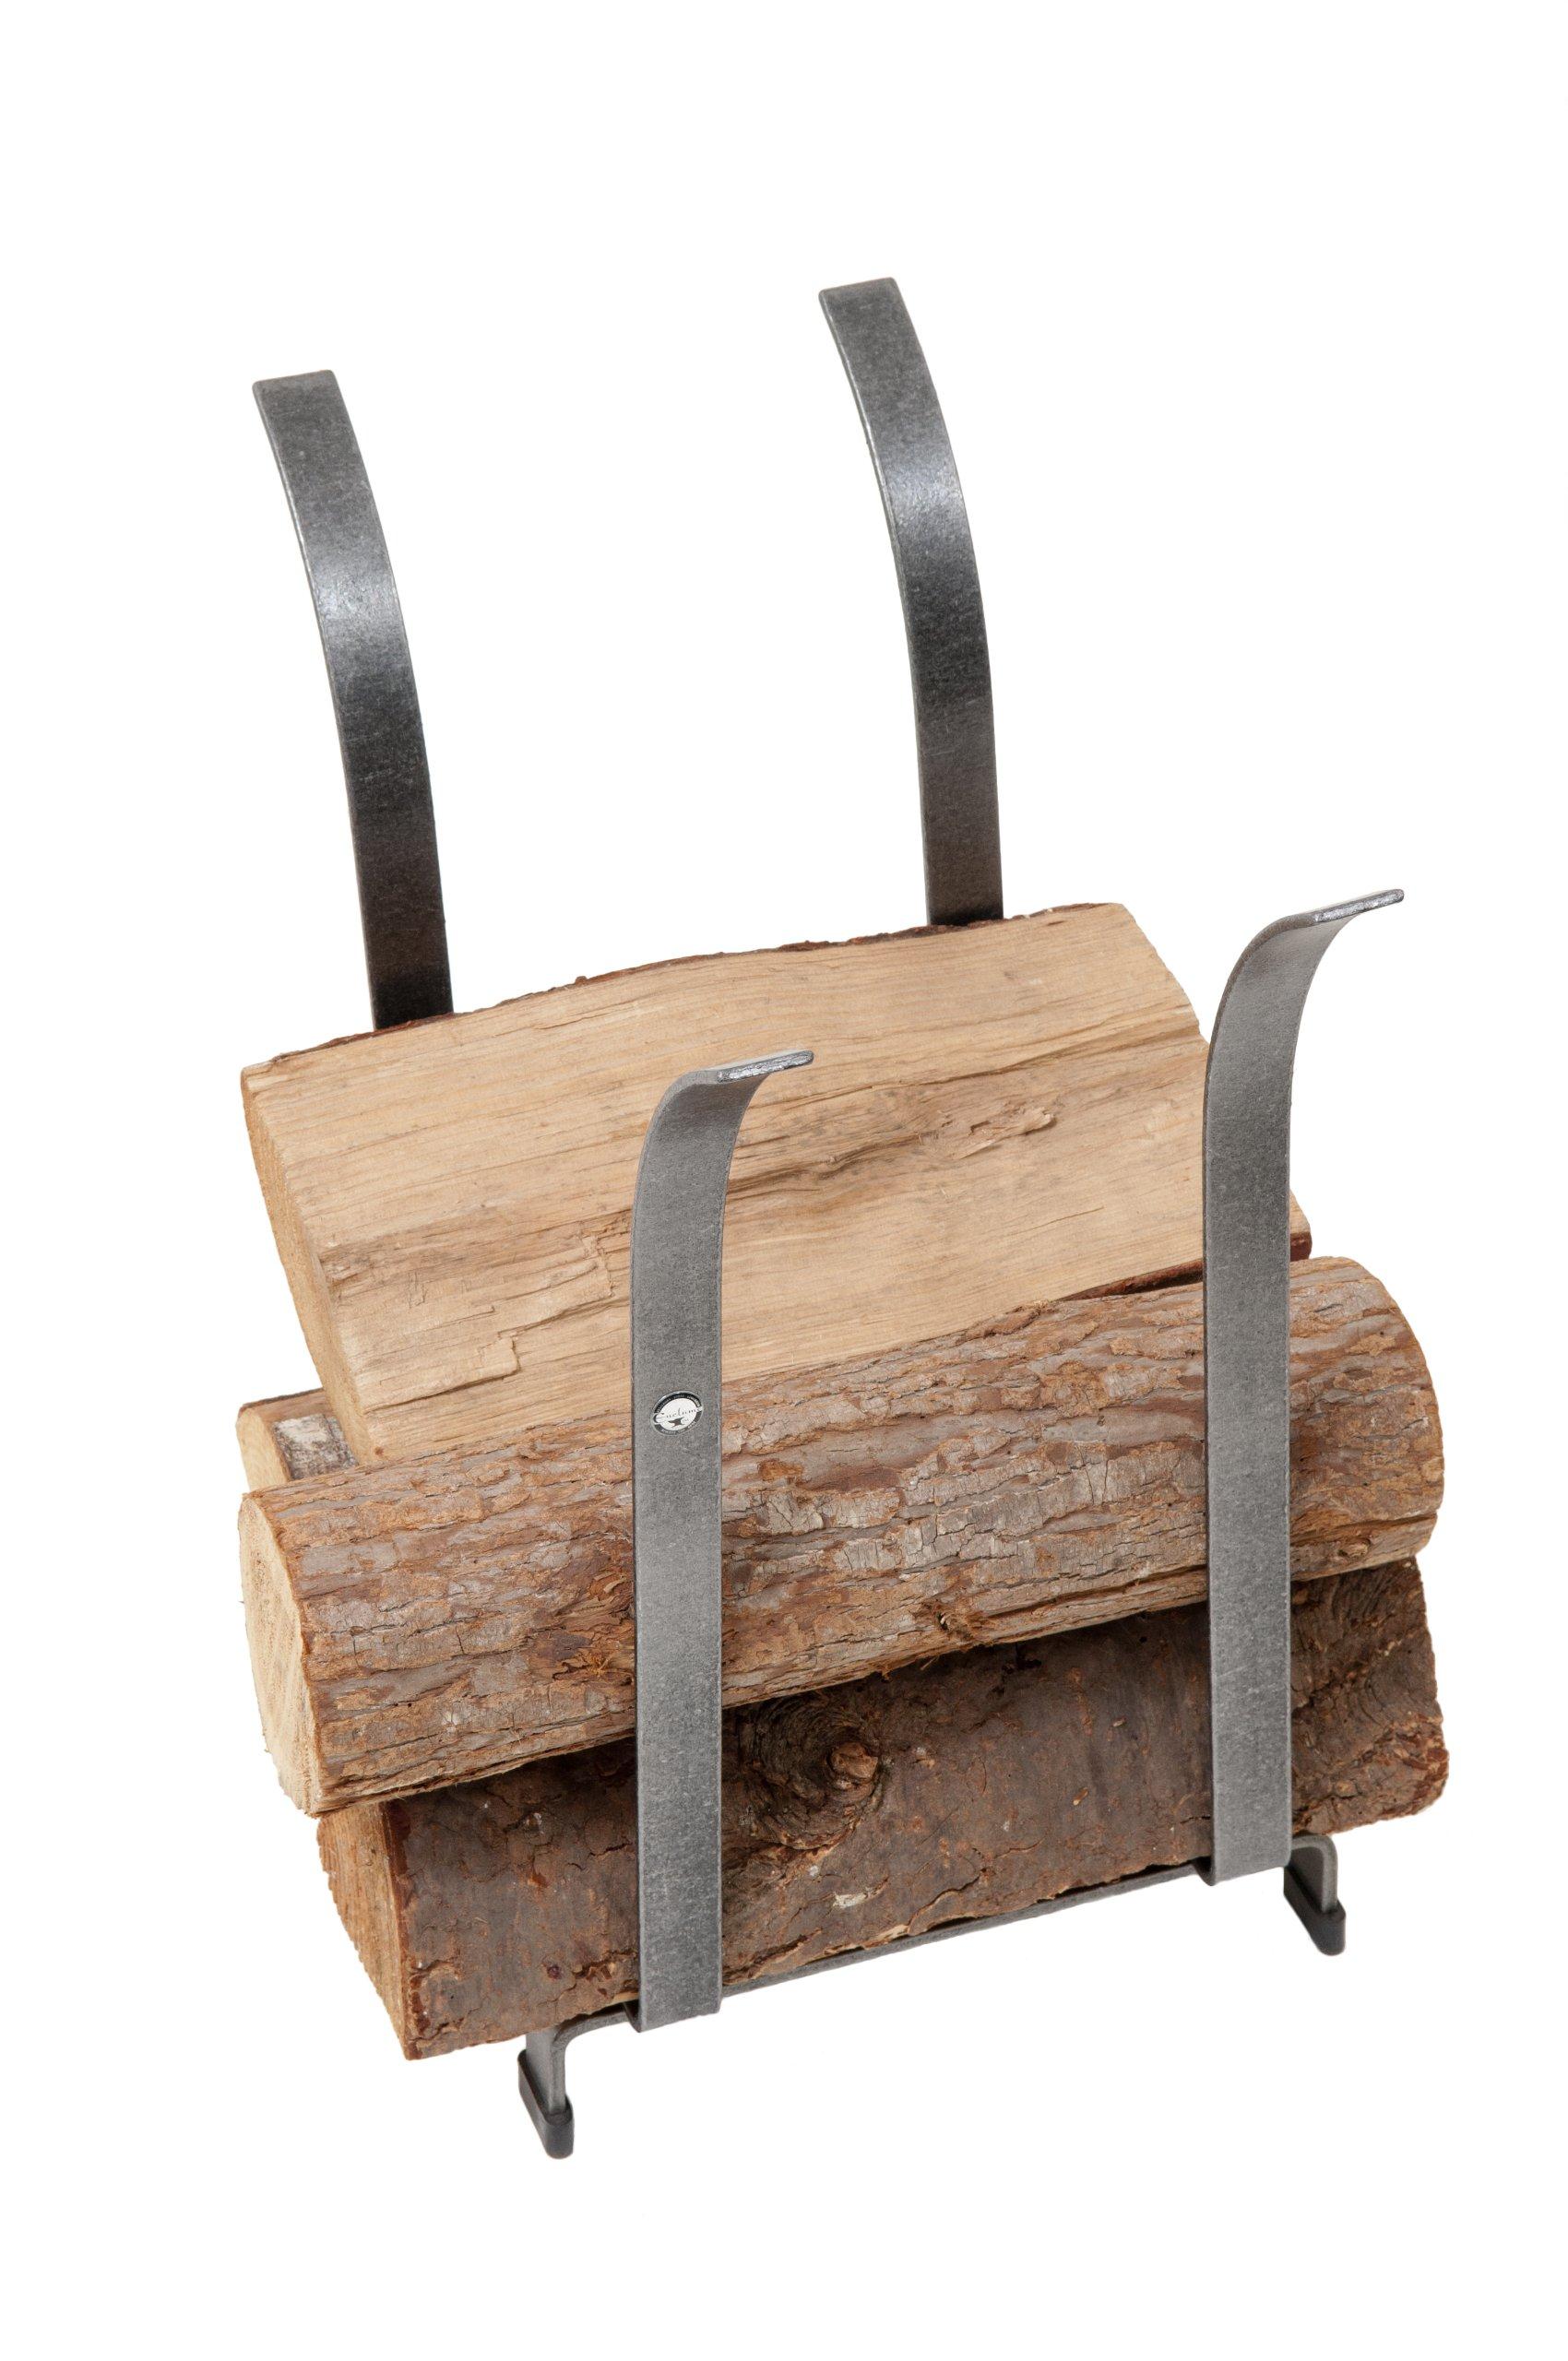 Enclume Tulip Log Rack, Hammered Steel